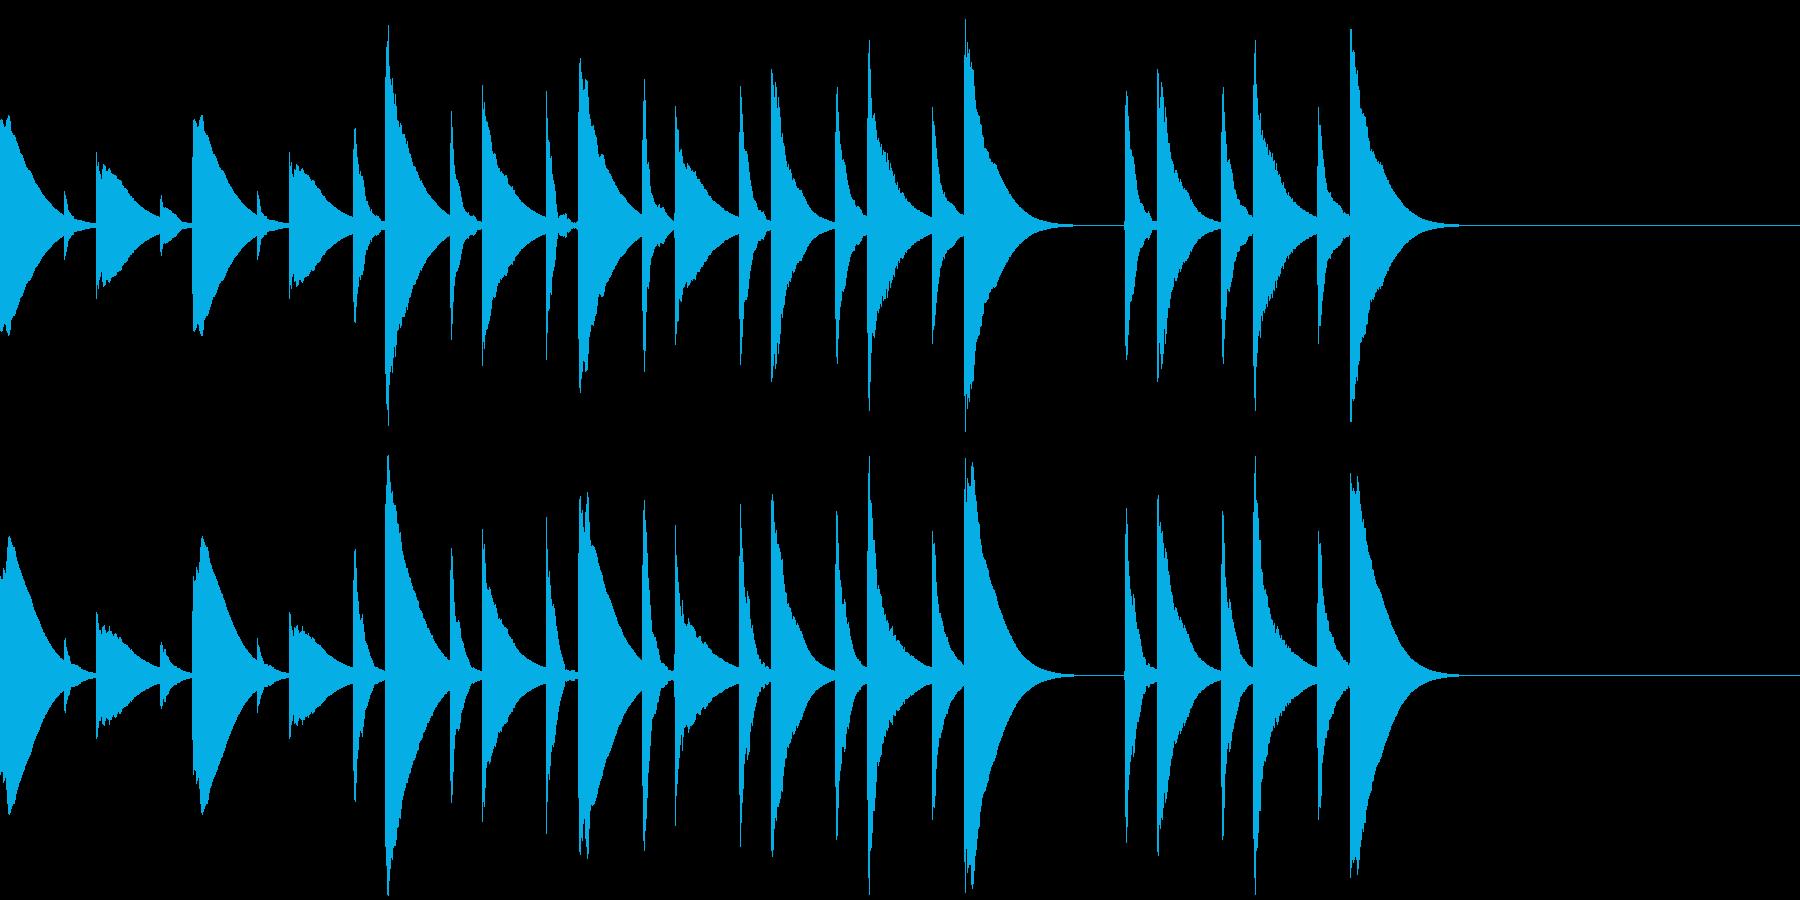 木琴のほのぼのしたキッチン向けジングルの再生済みの波形